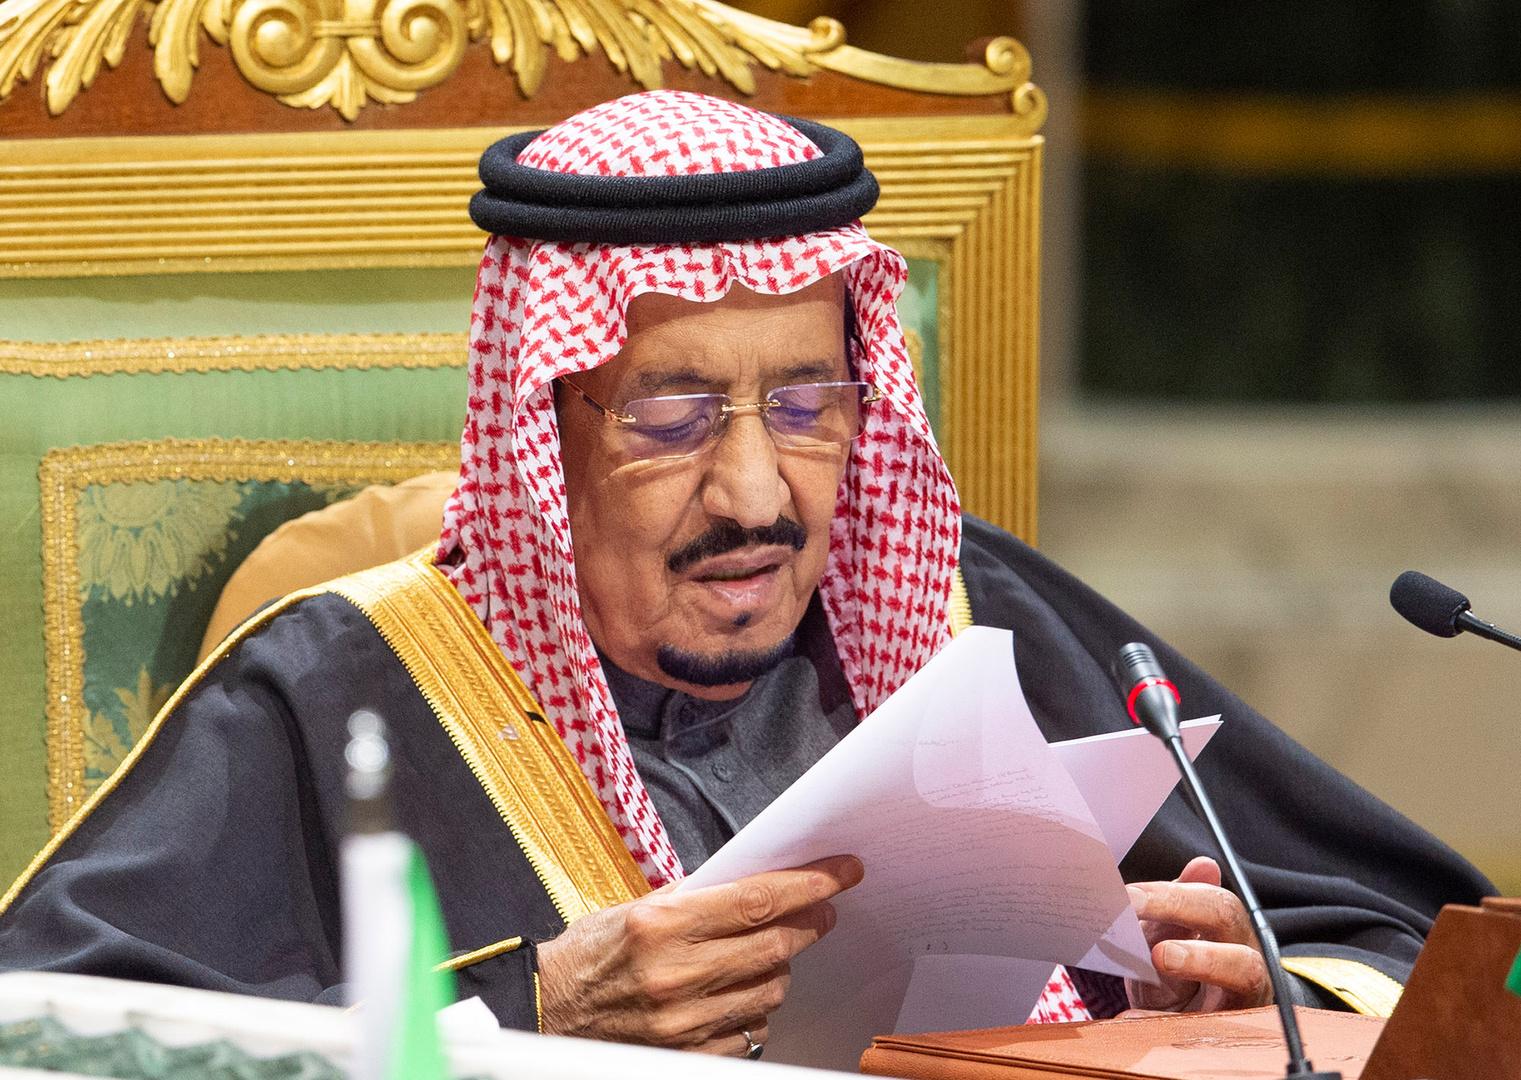 الملك سلمان يؤكد لرئيس المجلس الأوروبي حرصه على تعزيز العلاقات